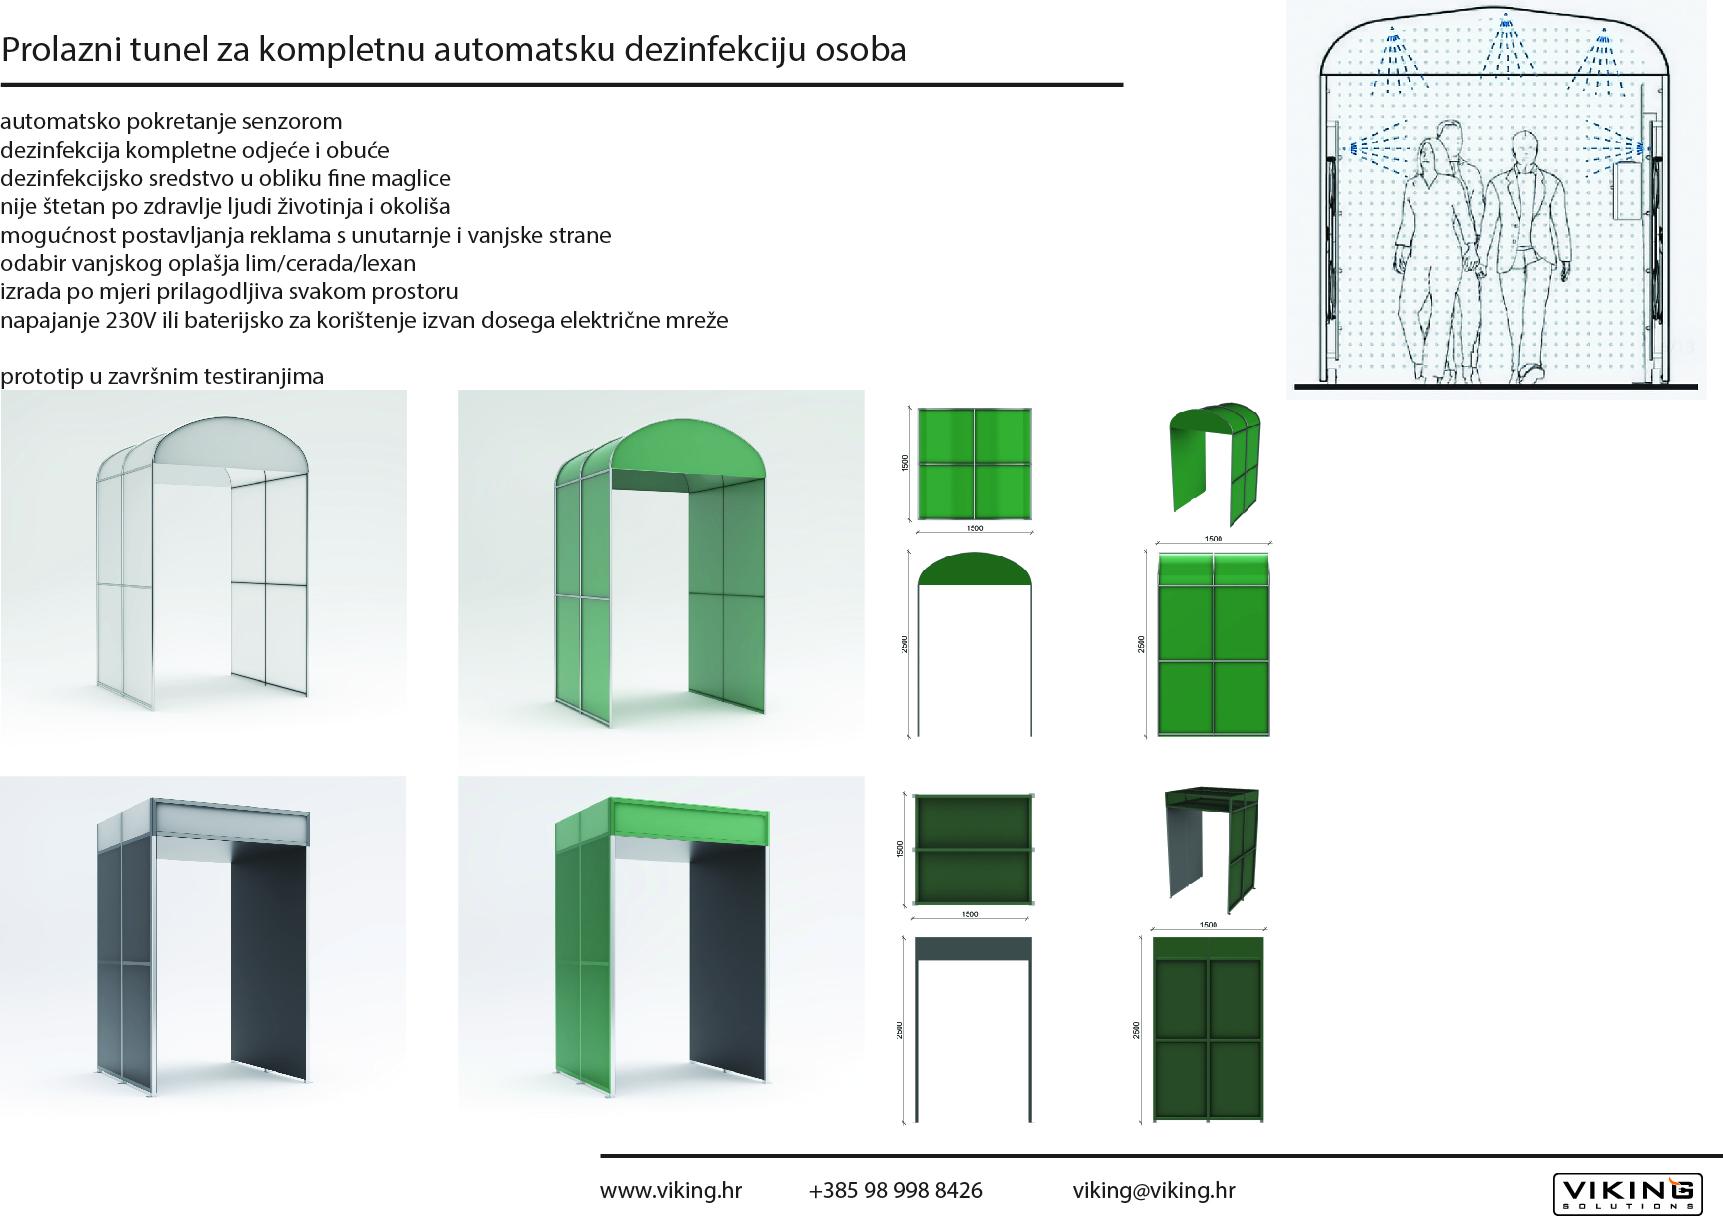 Prolazni tunel za kompletnu automatsku dezinfekciju osoba